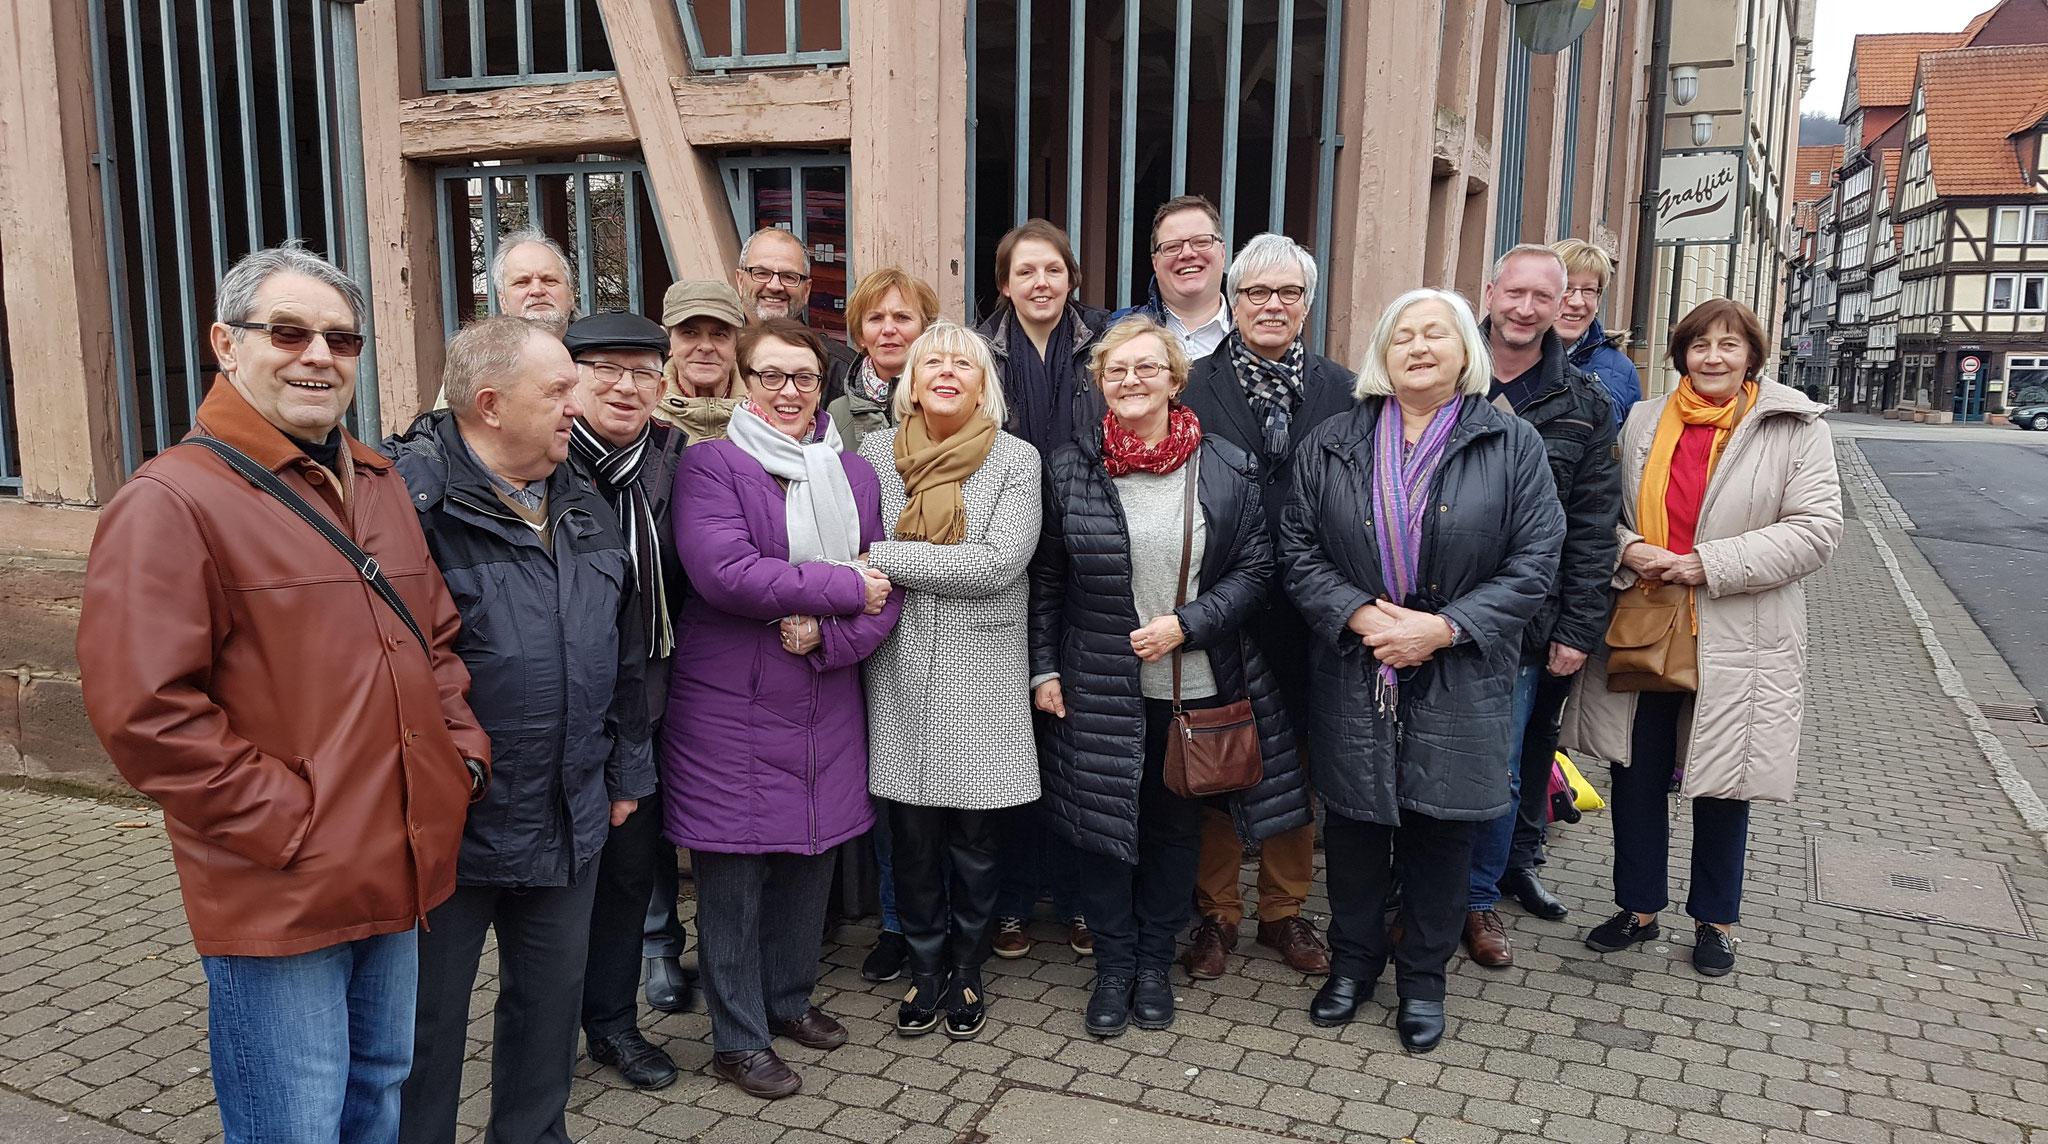 Polnische und Mündener Künstler bei der Verabschiedung vor dem Geschwister-Scholl-Haus